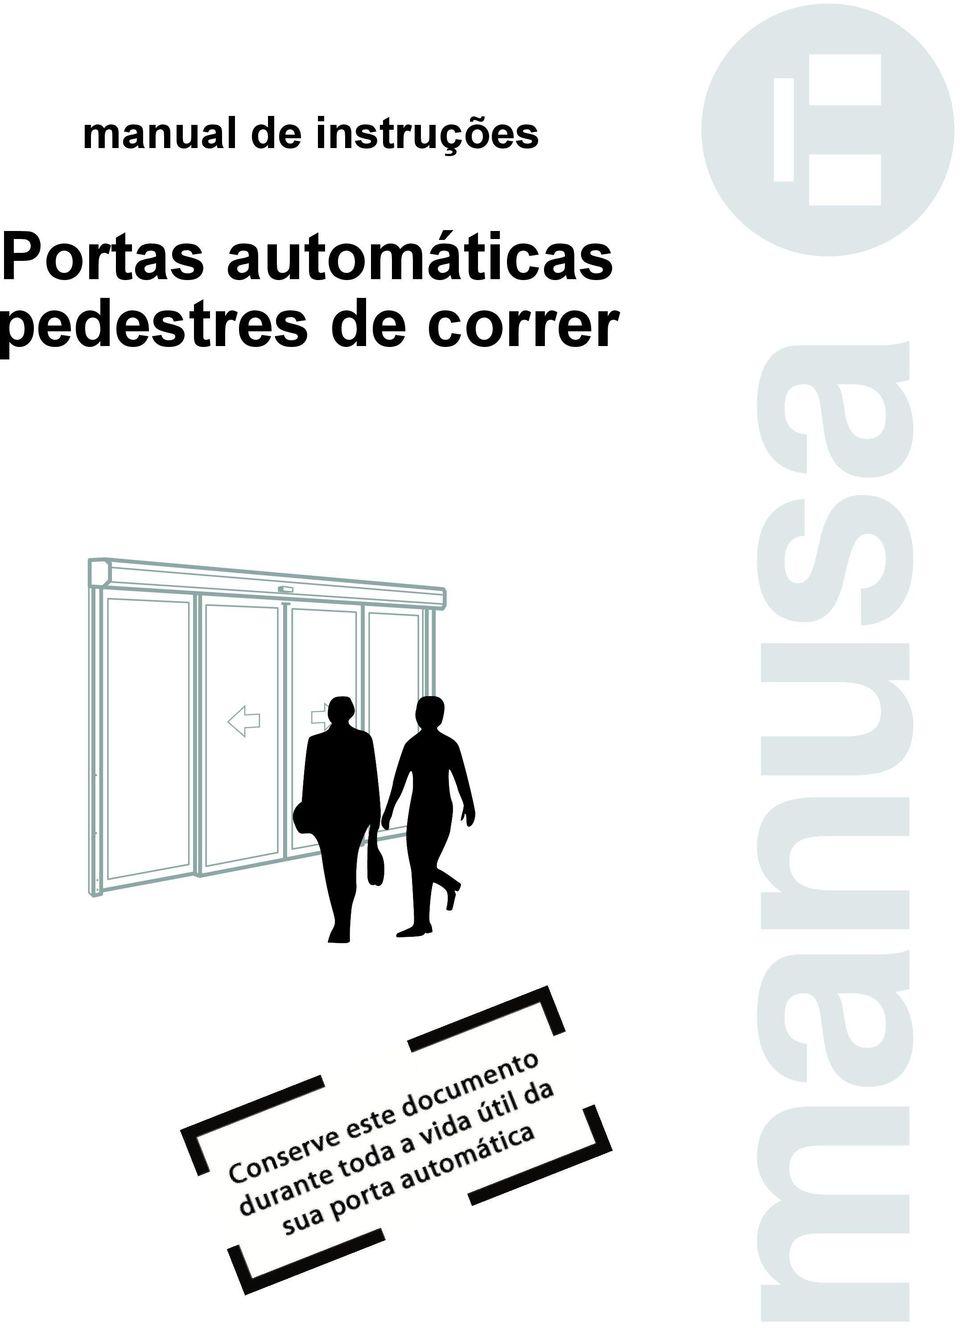 manual de instruções Portas automáticas pedestres de